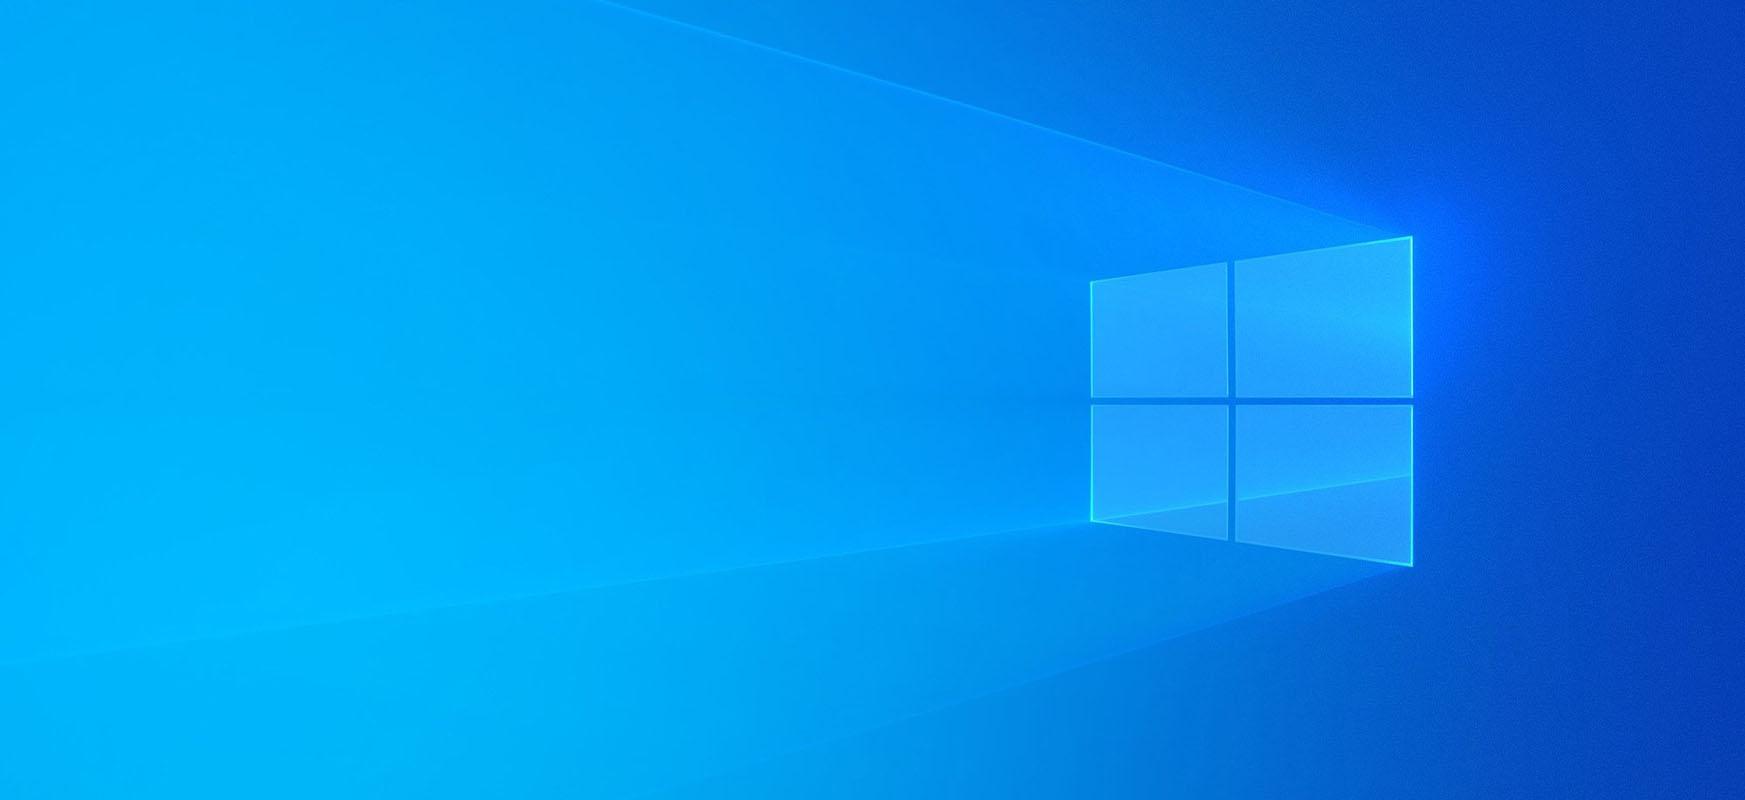 Microsoft-ek fitxatutako aplikazioen ideiarekin bueltatzen al da?  Deiturikoaren itzulera misteriotsua  Windows 10 multzoak